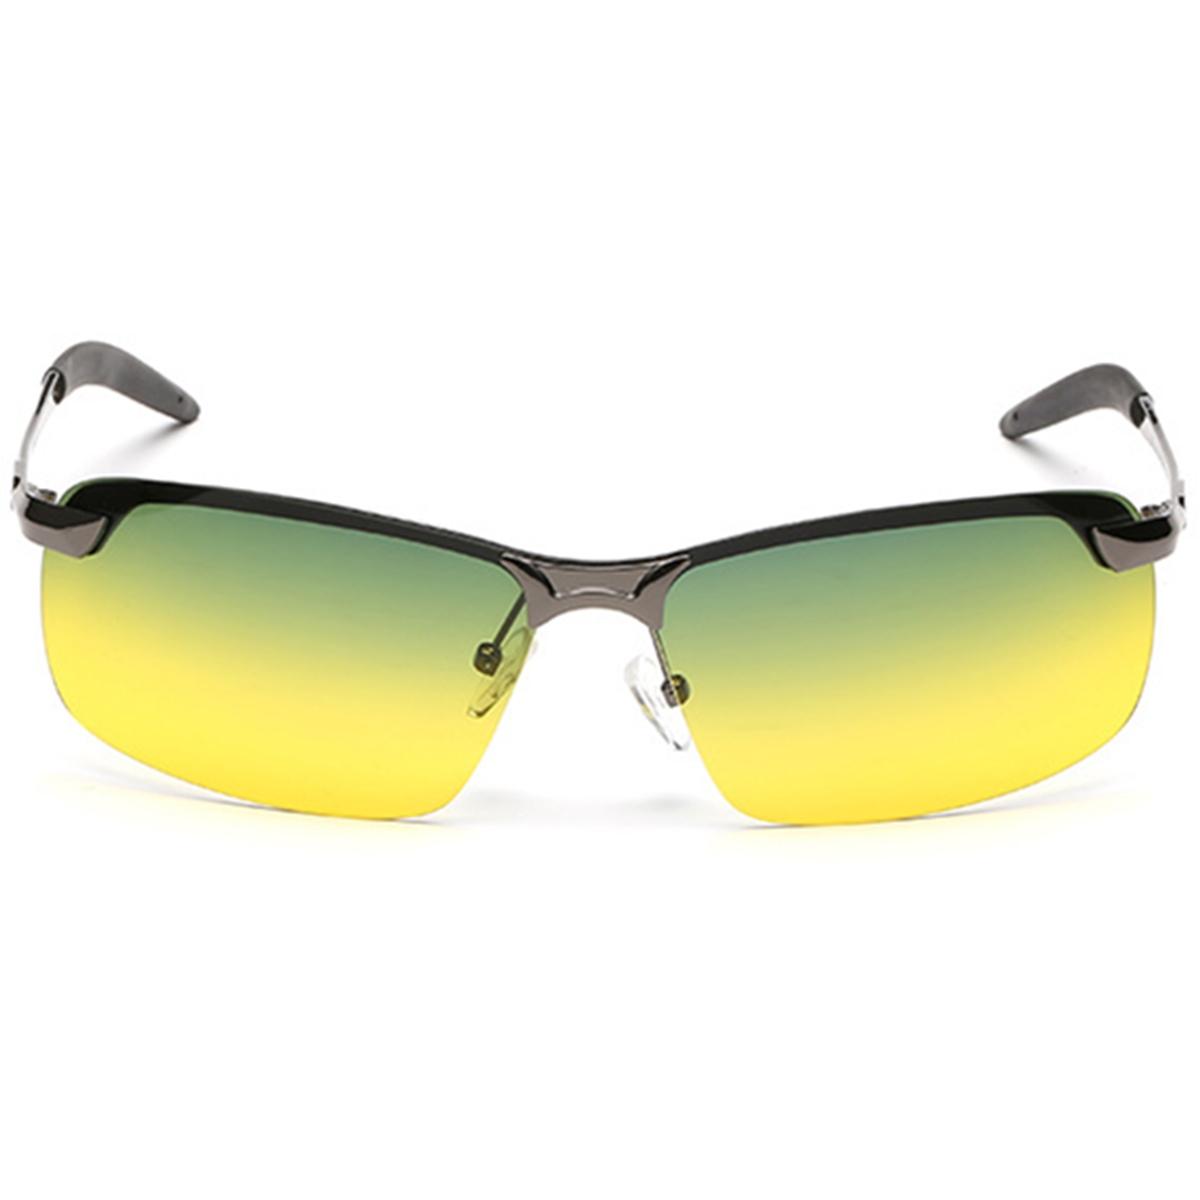 Lunettes de soleil polarisées de jour de vision de jour de mode conduisant des lunettes de verres UV400